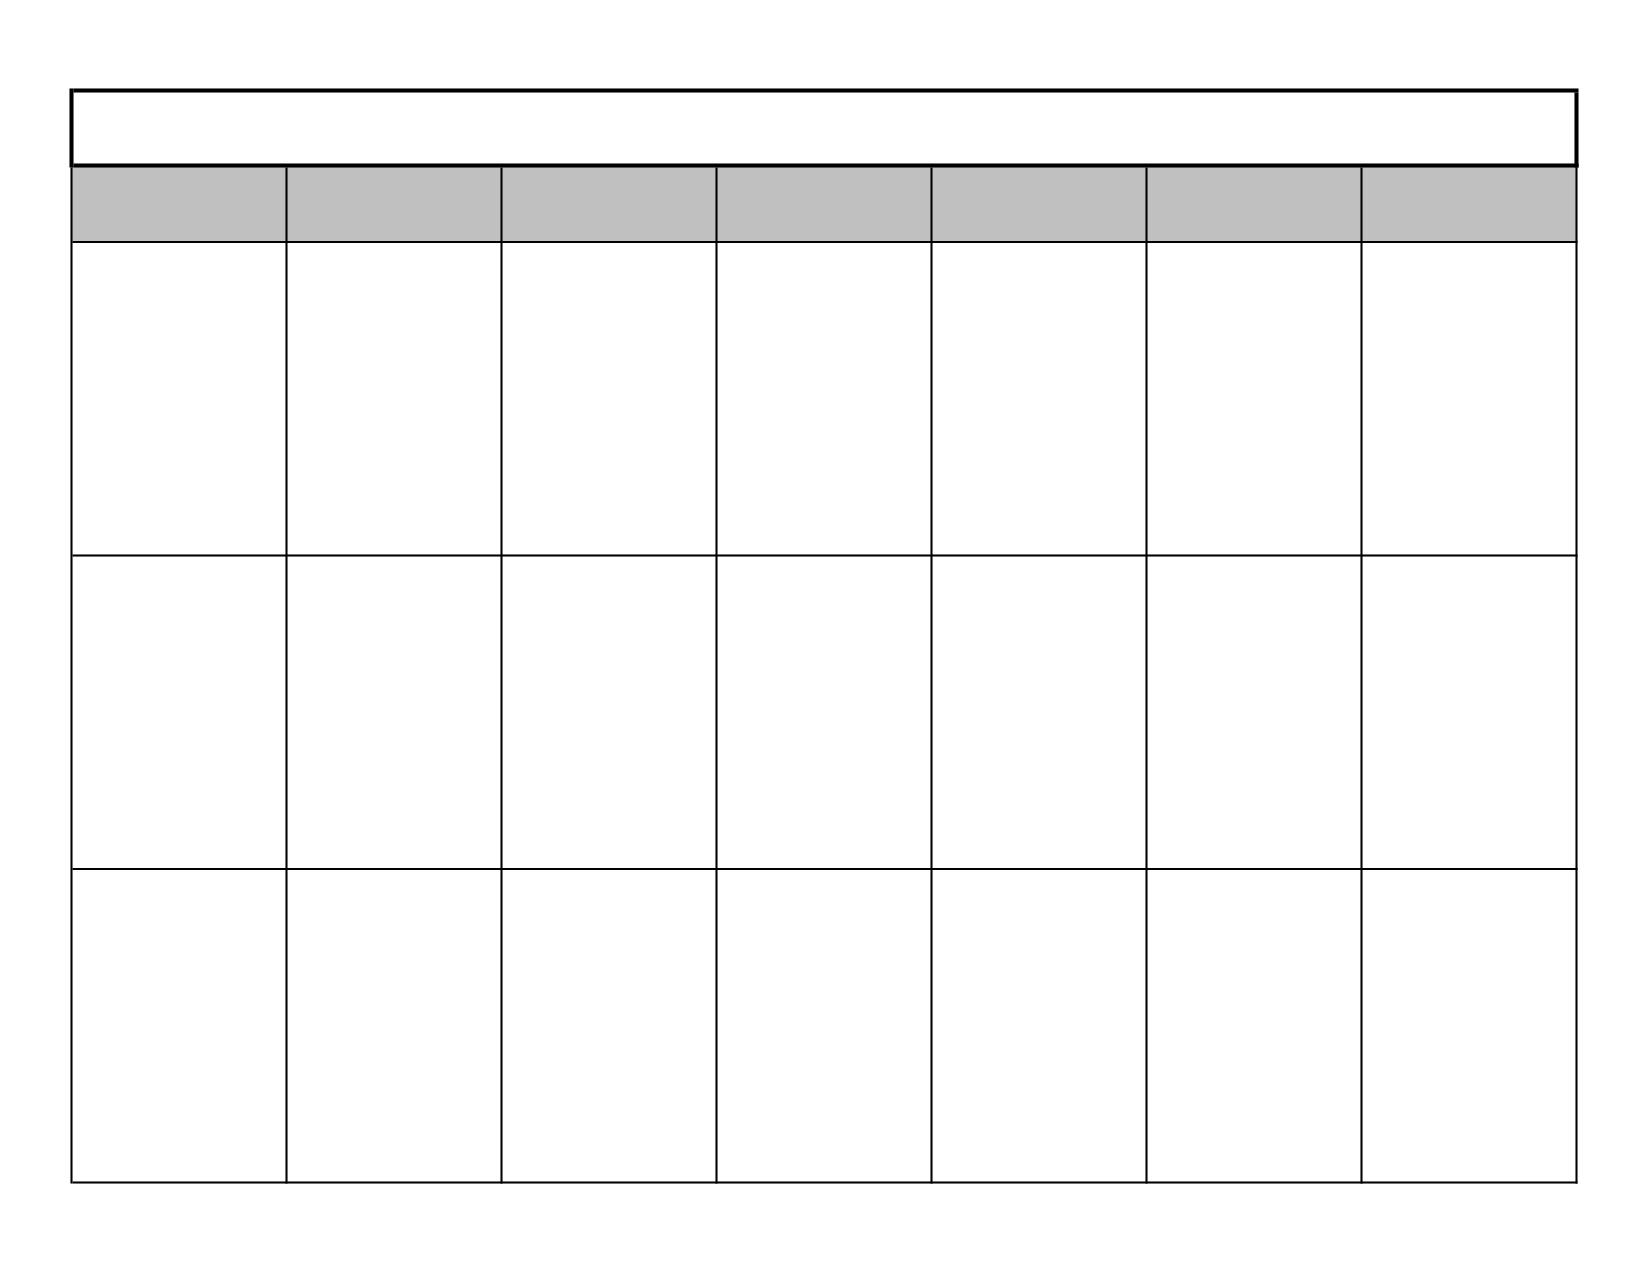 2 Week Blank Printable Calendar - Template Calendar Design Create 2 Week Schedule